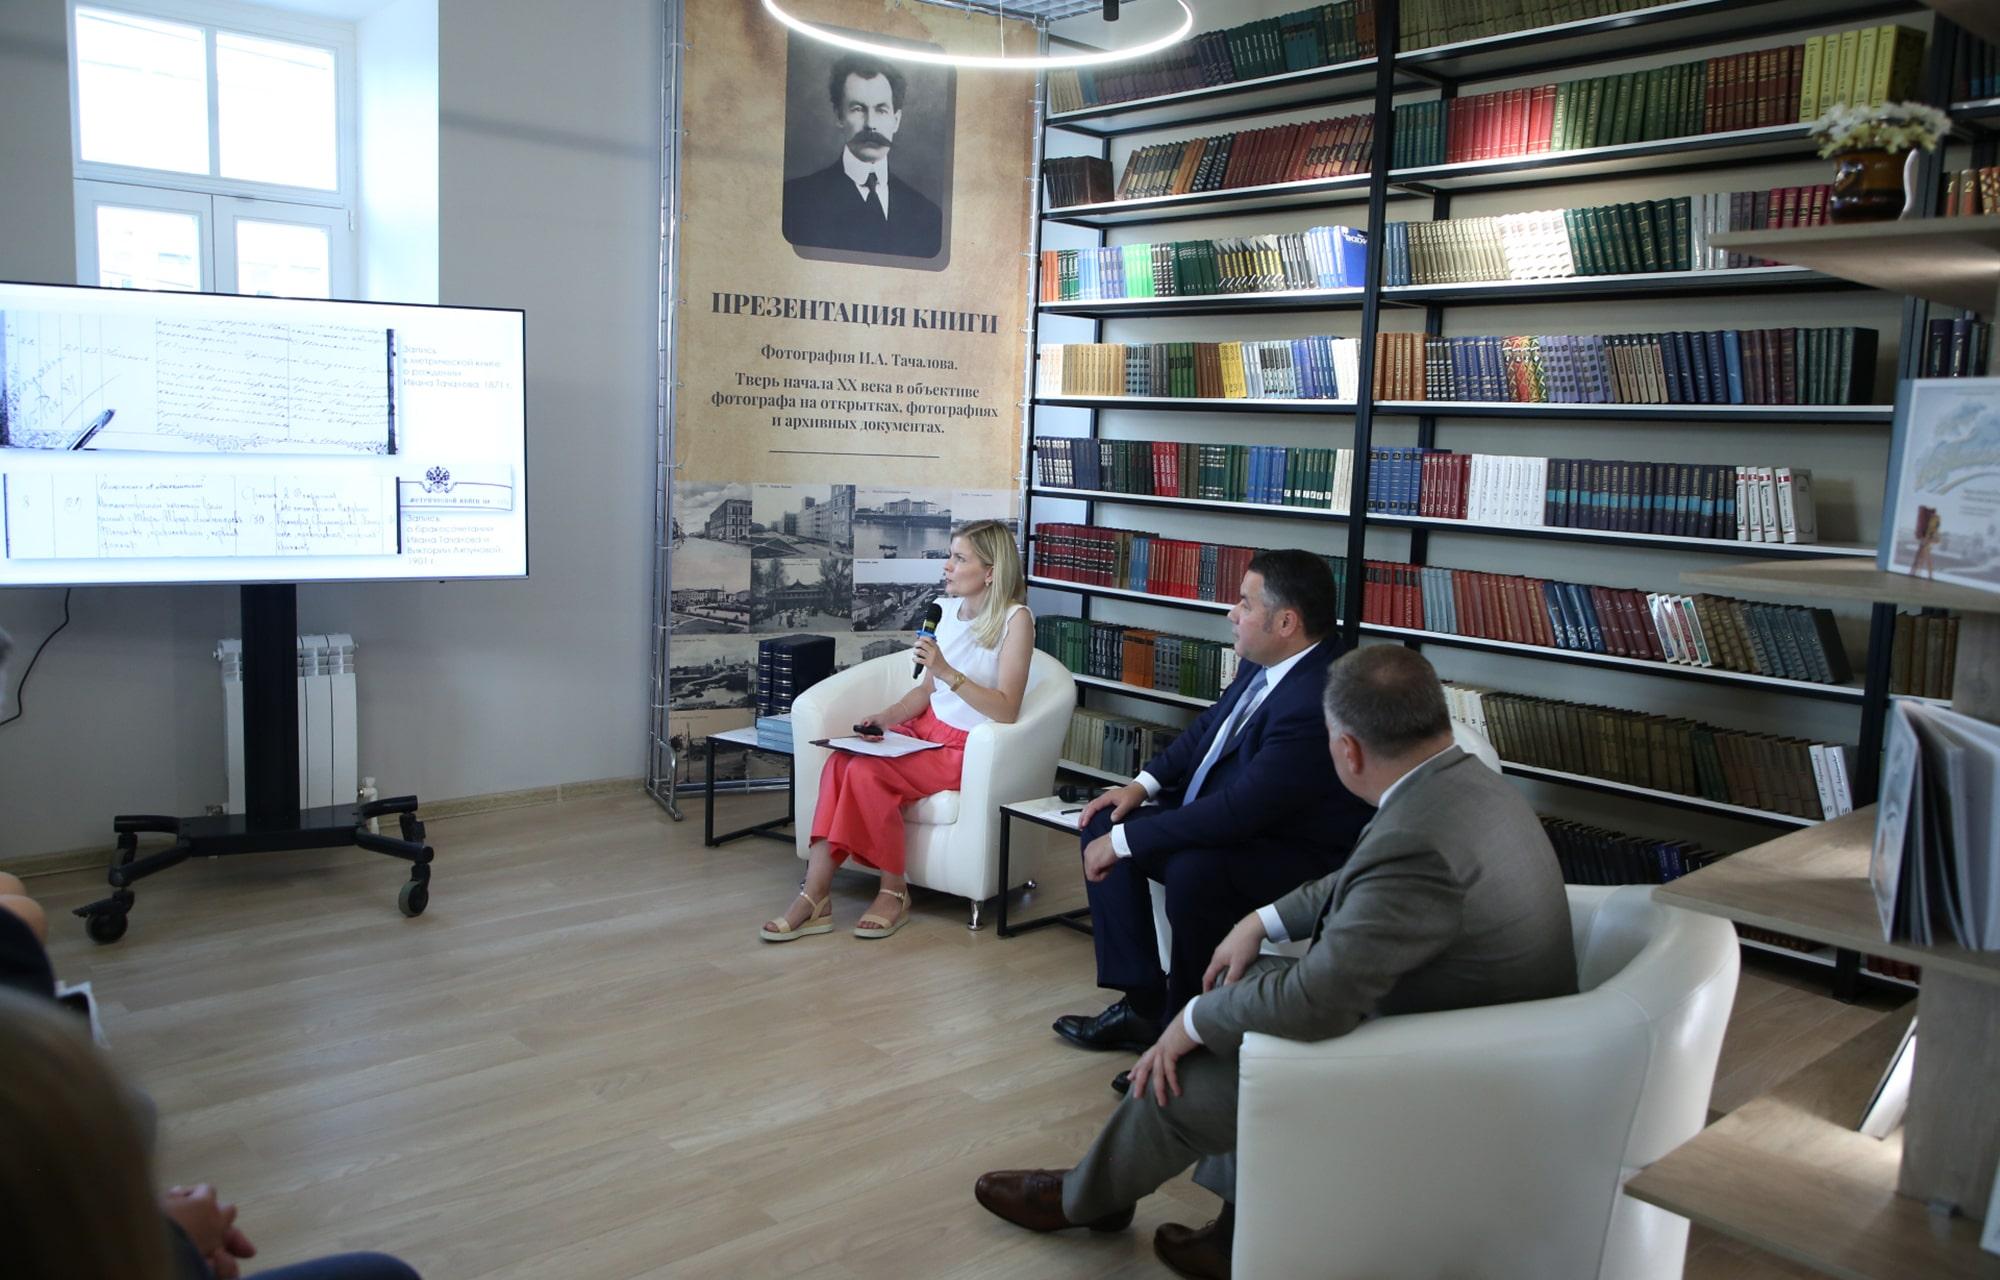 В Твери презентовали книгу, изданную к 150-летию со дня рождения тверского фотографа Ивана Тачалова